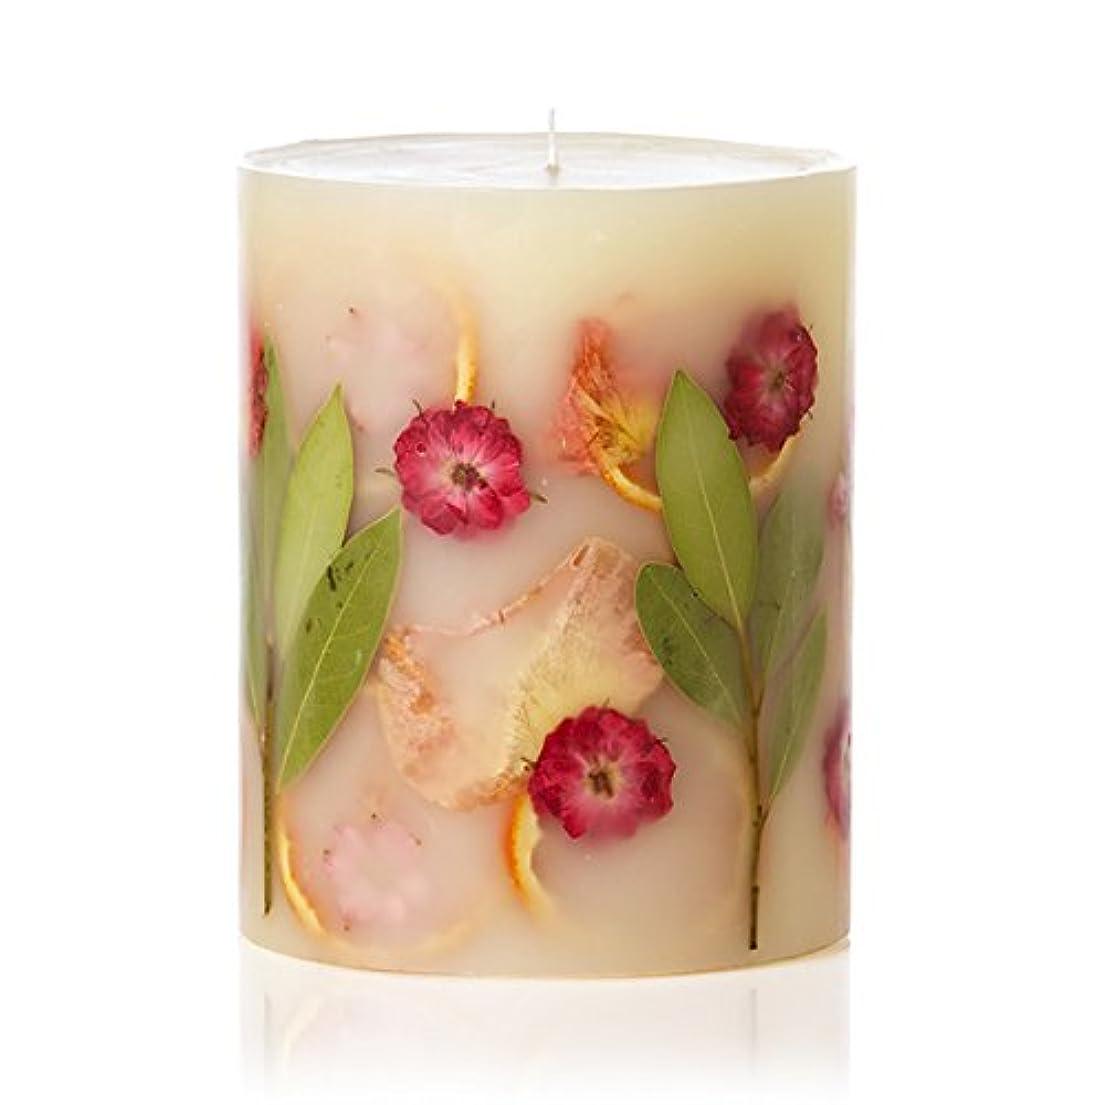 センチメートルレーダー魔術師ロージーリングス ボタニカルキャンドル トールラウンド ピオニー&ポメロ ROSY RINGS Round Botanical CandleTall Round Peony & Pomelo